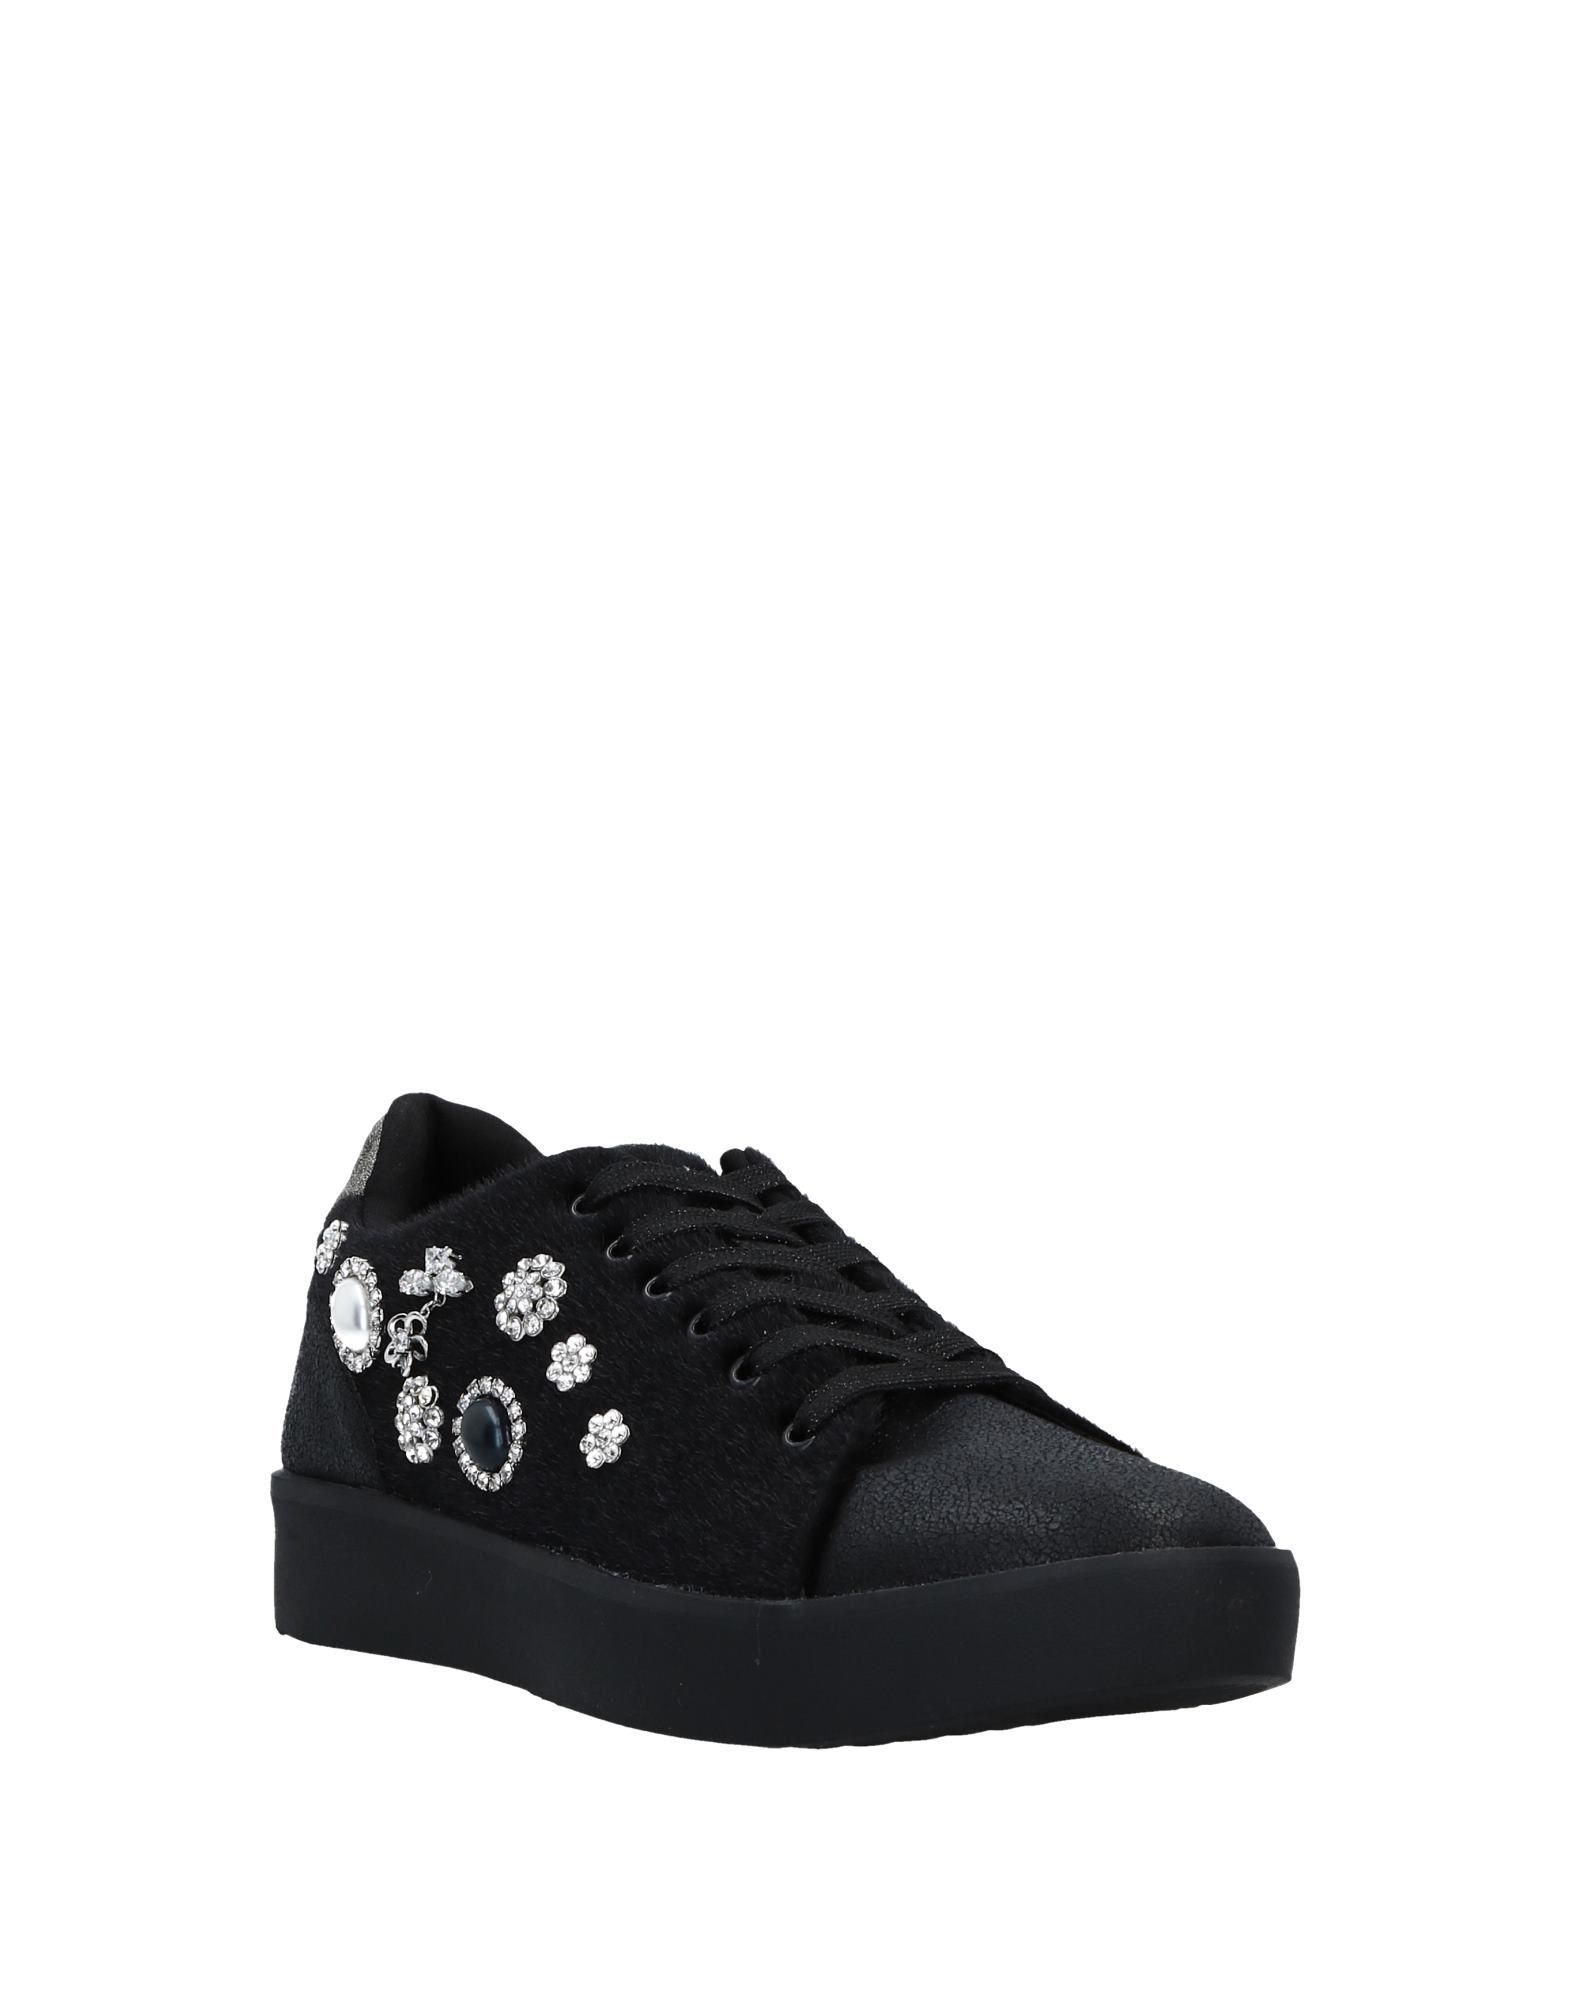 Replay 11494721NQ Sneakers Damen  11494721NQ Replay Gute Qualität beliebte Schuhe 44c19a